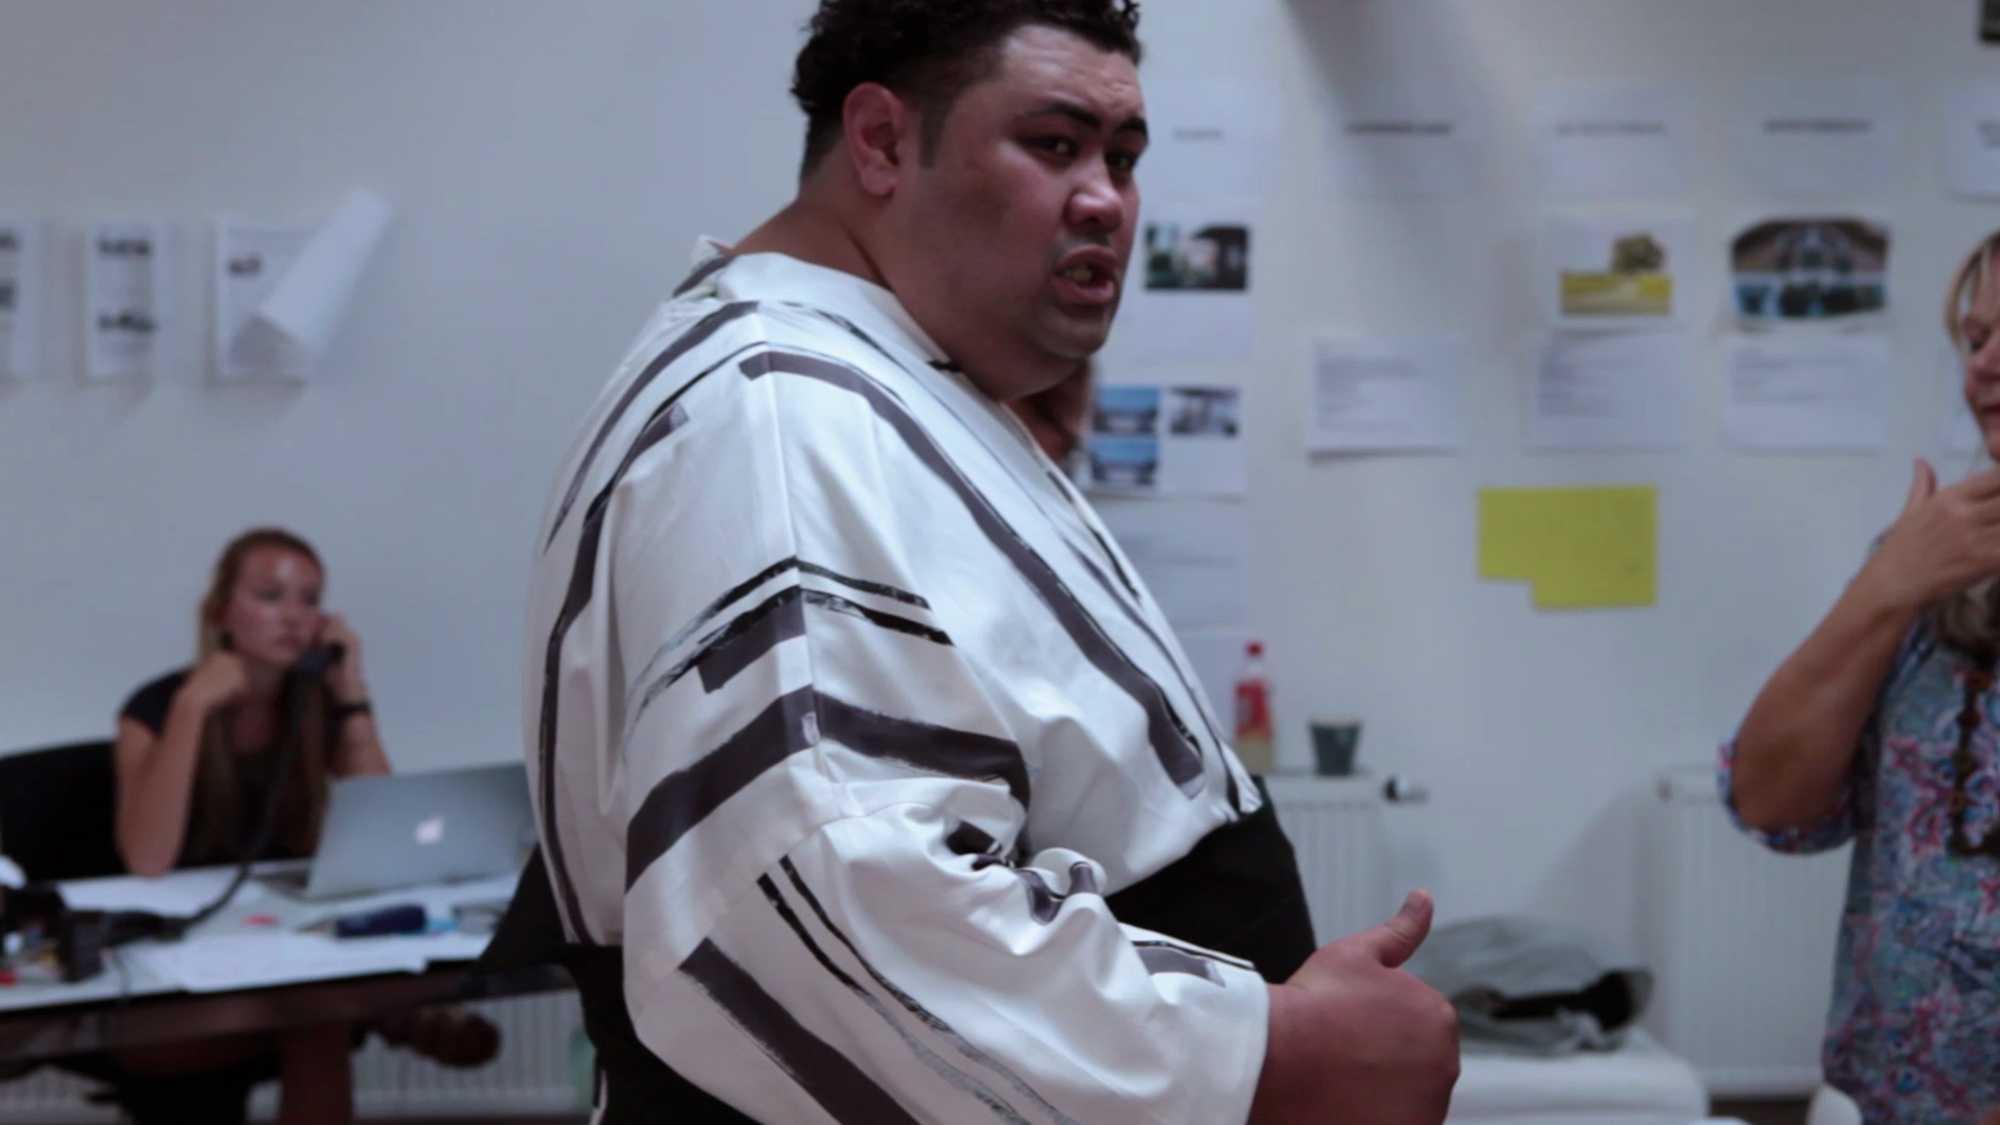 """Das Bild zeigt einen Mann. Er ist ein Sumo. Er steht in einem Raum. In diesem Raum sitzt eine Frau hinter ihm am Schreibtisch. An der Wand hängen Zettel. Neben ihm steht jemand, jedoch unkenntlich. Das Bild dient als Sliderbild für den Portfolioeintrag """"BMW Connected Drive Sumos"""" von Panda Pictures."""